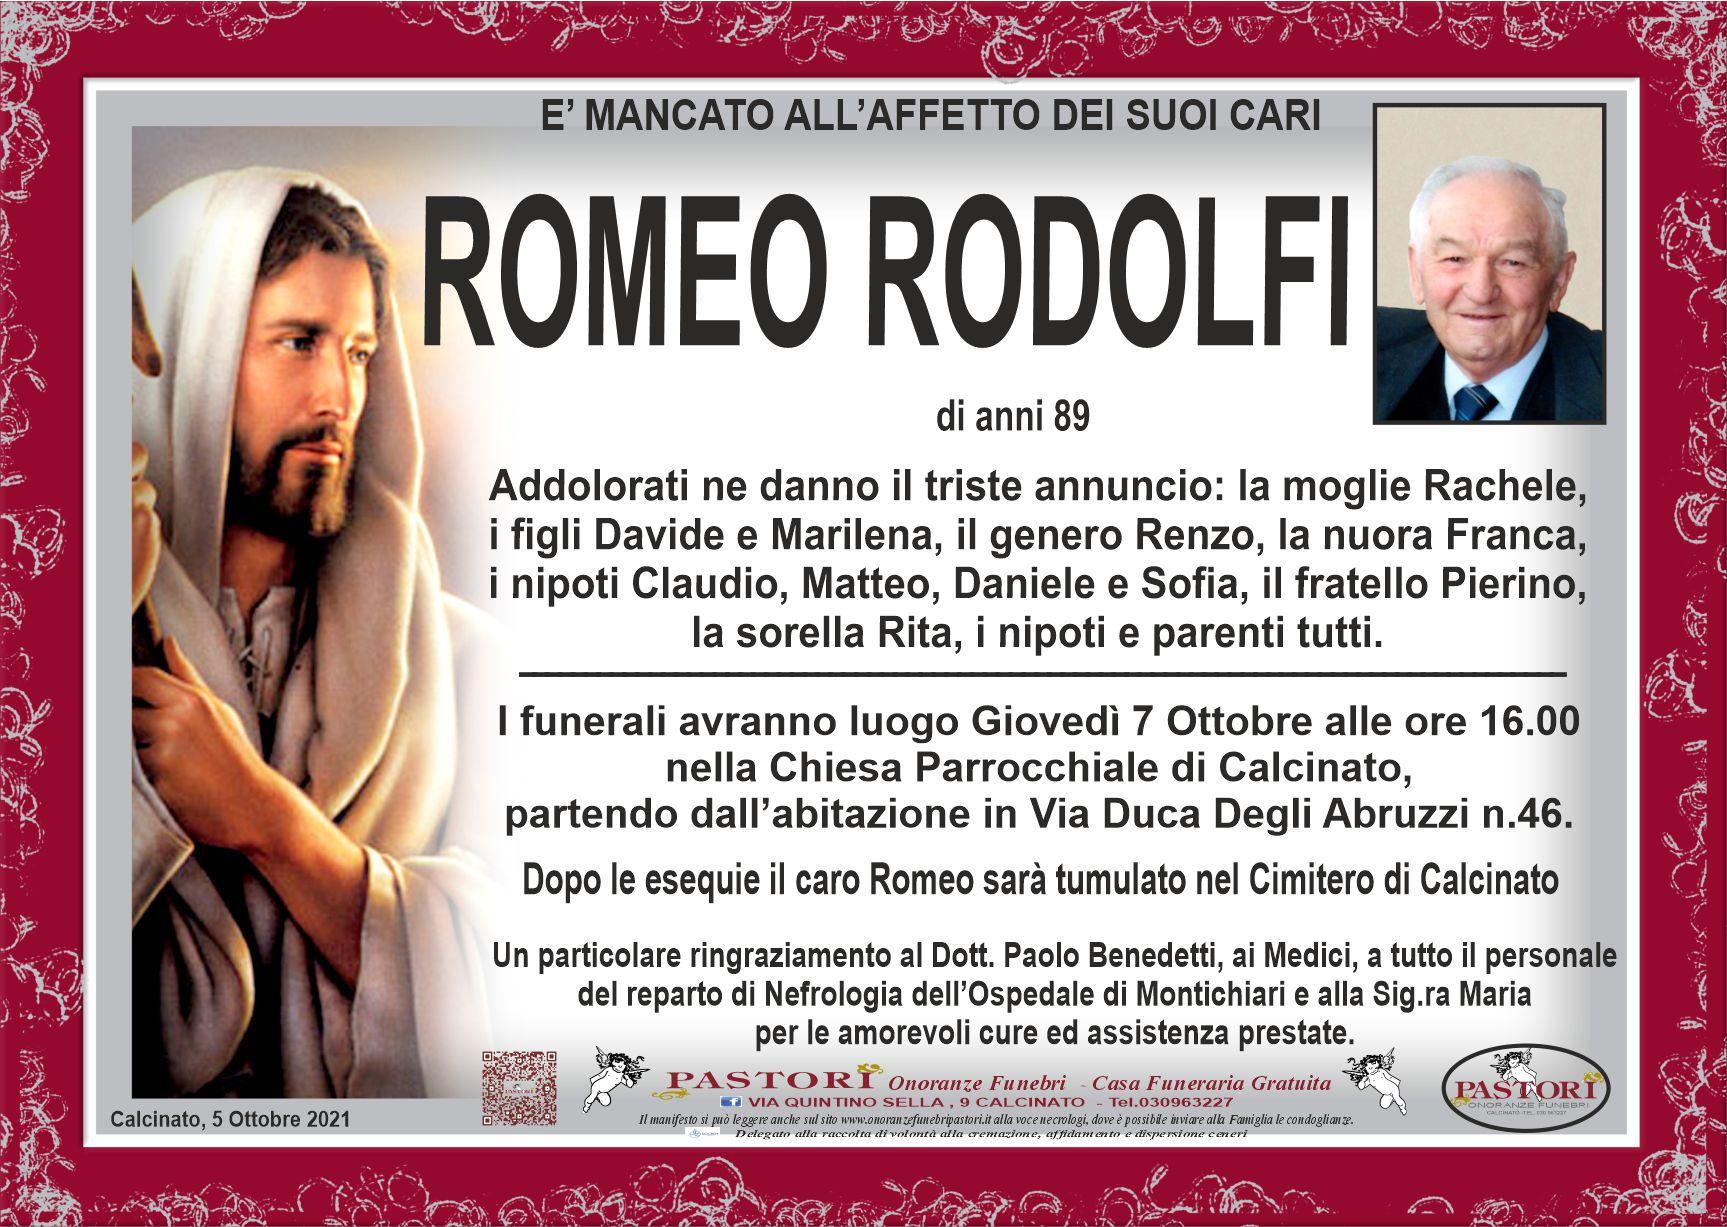 Romeo Rodolfi